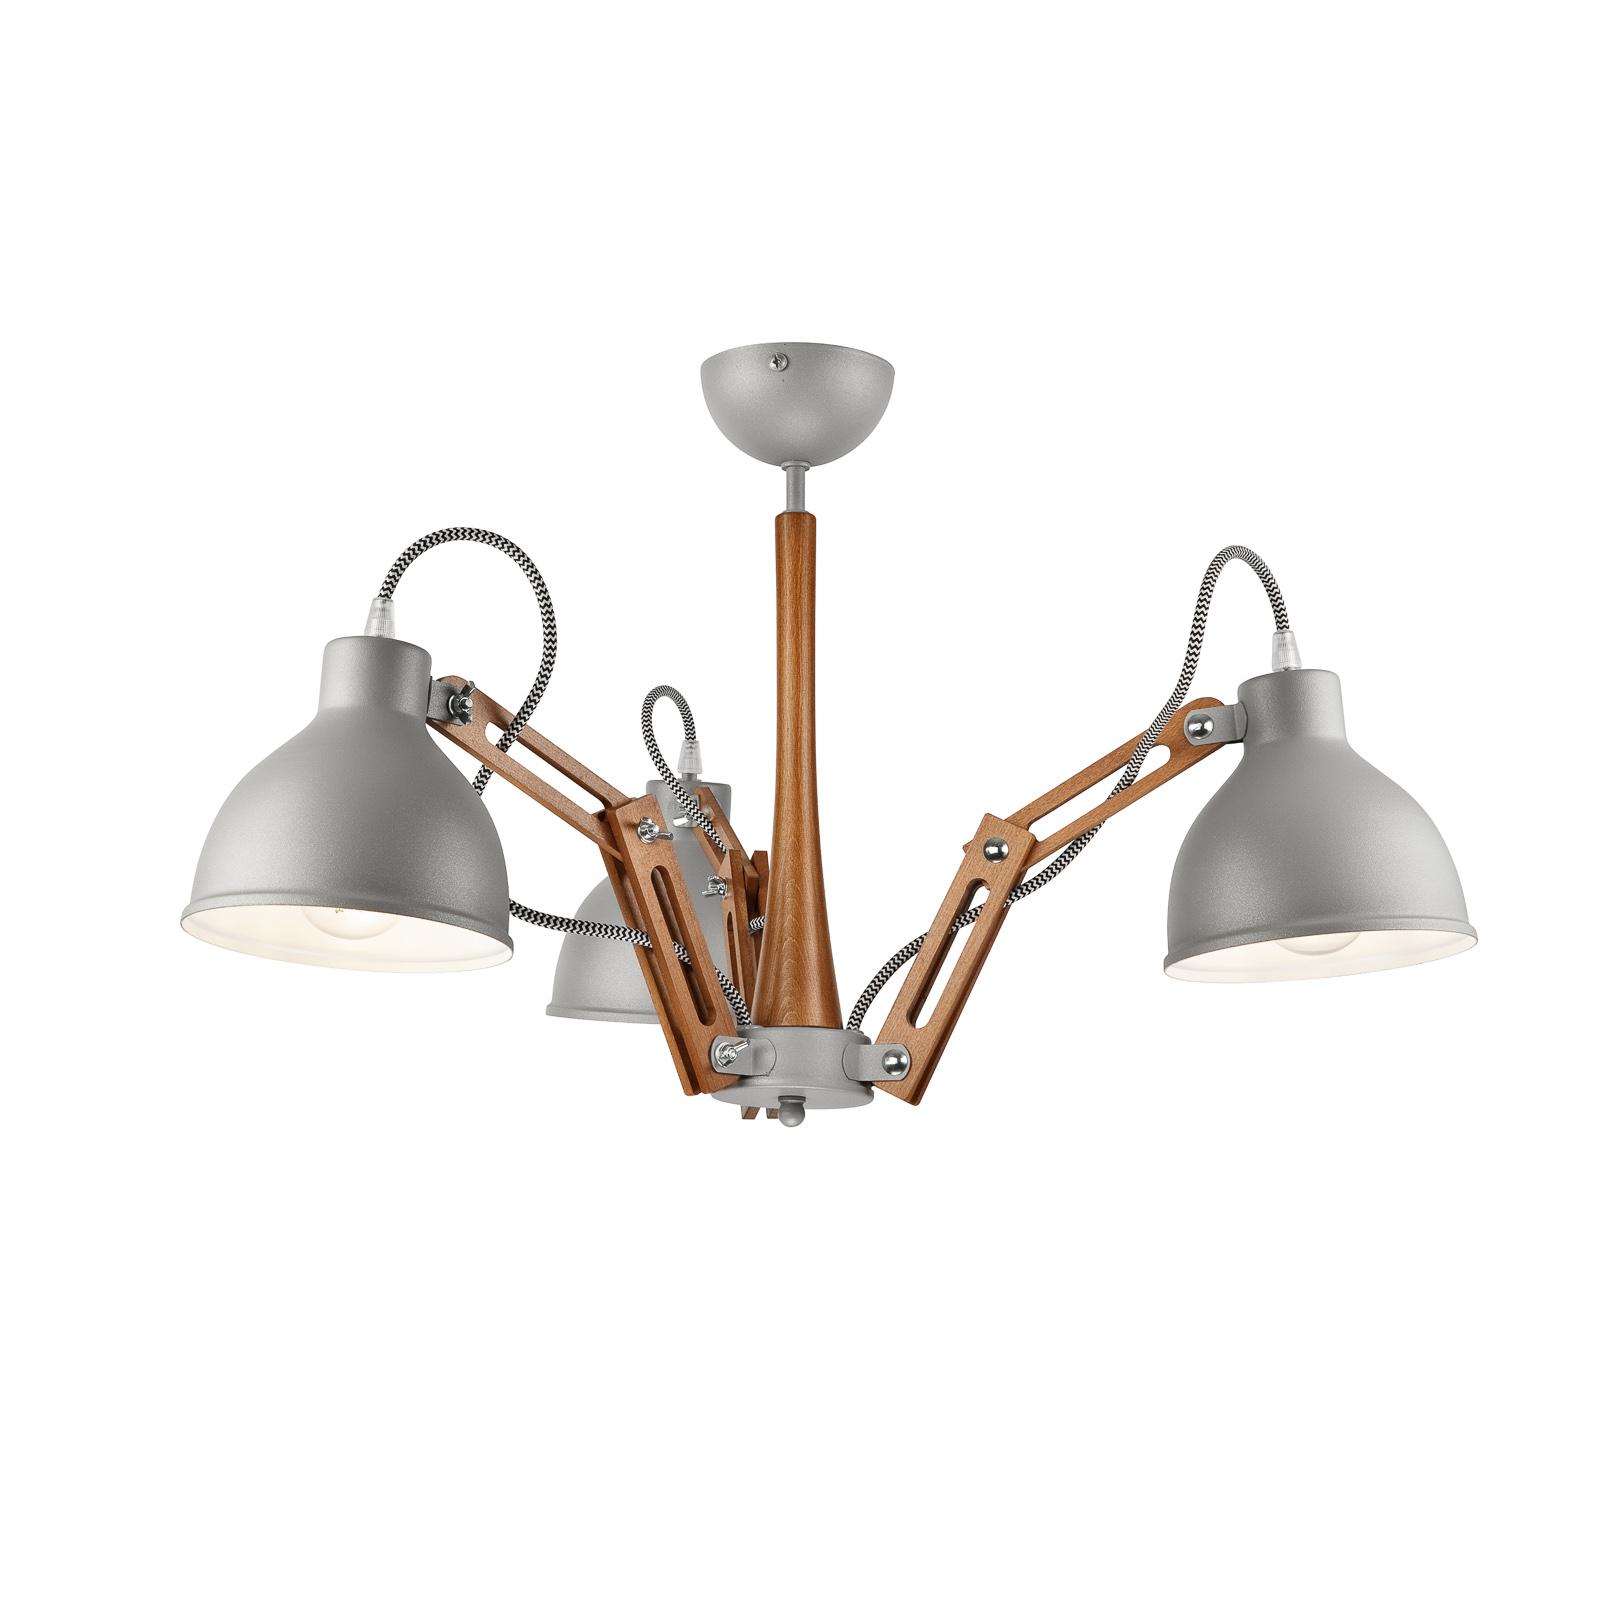 Deckenlampe Skansen 3-flammig verstellbar, grau